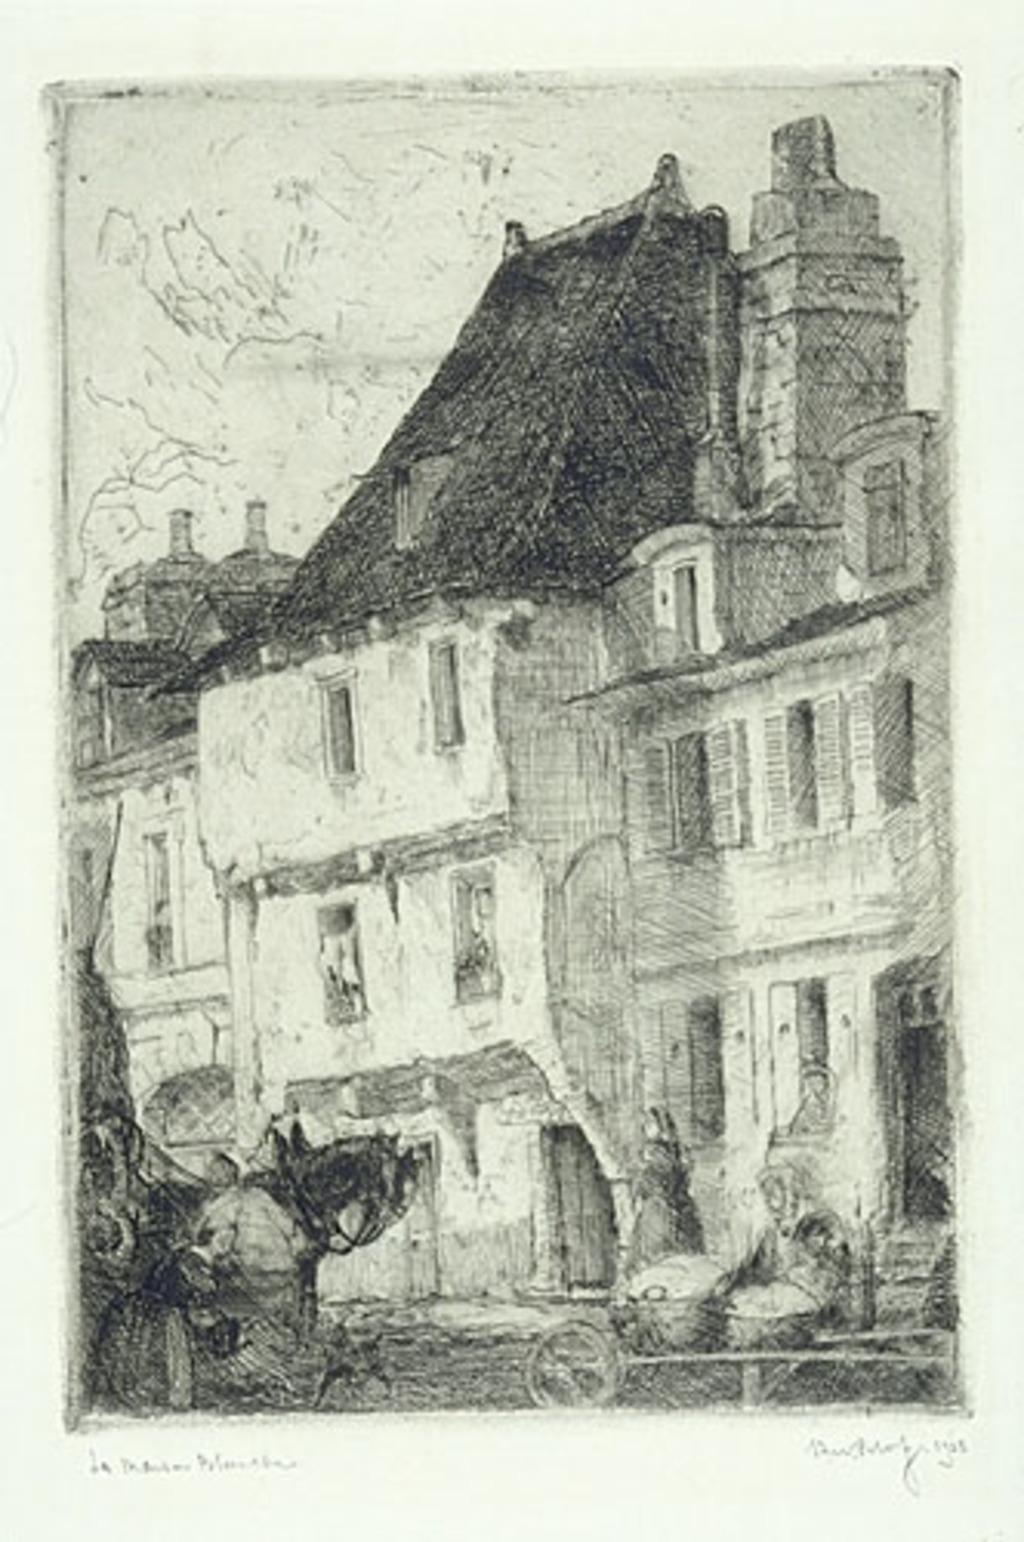 La Maison blanche, Concarneau